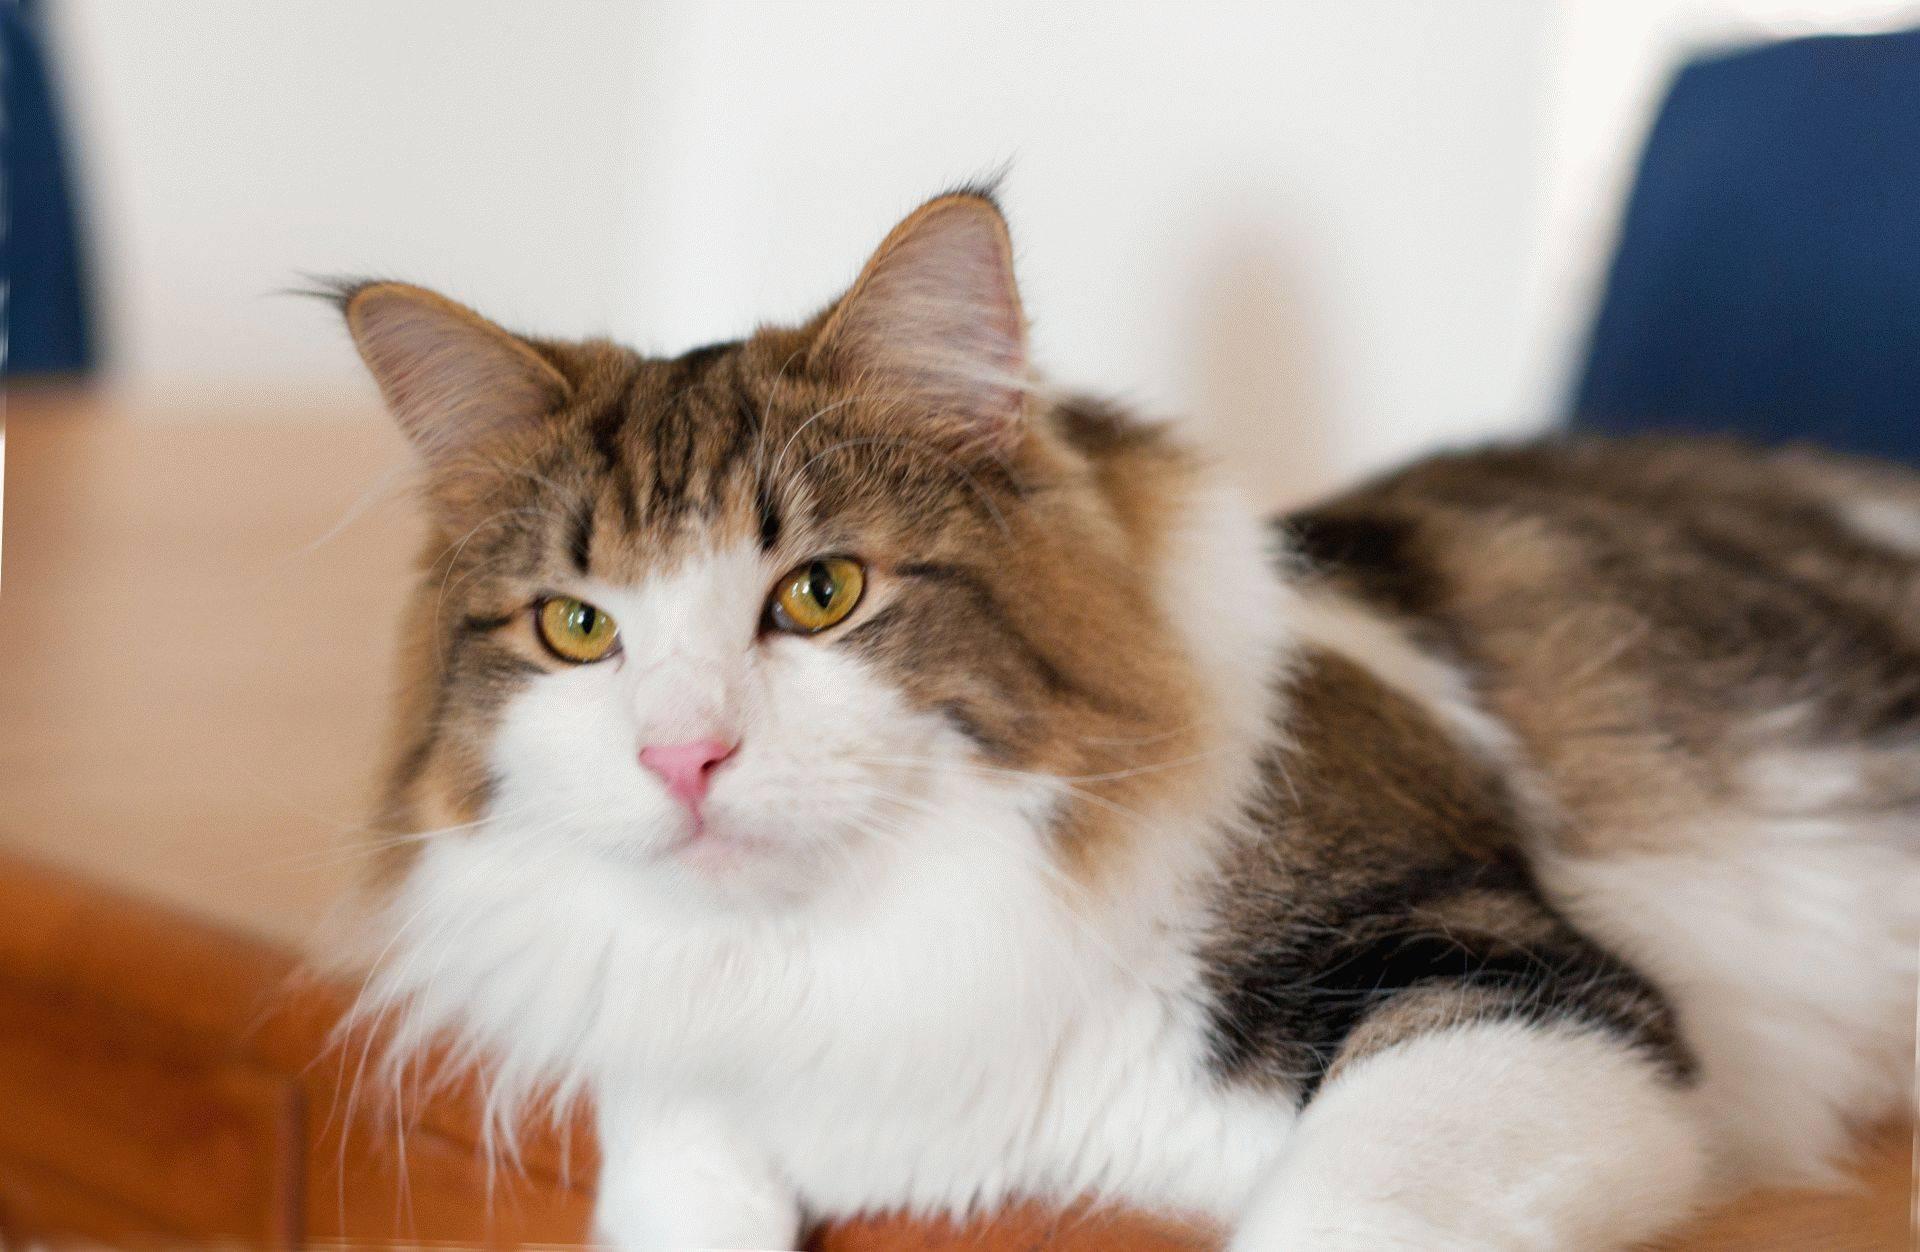 Норвежская лесная кошка: подробное описание, фото, купить, видео, цена, содержание дома